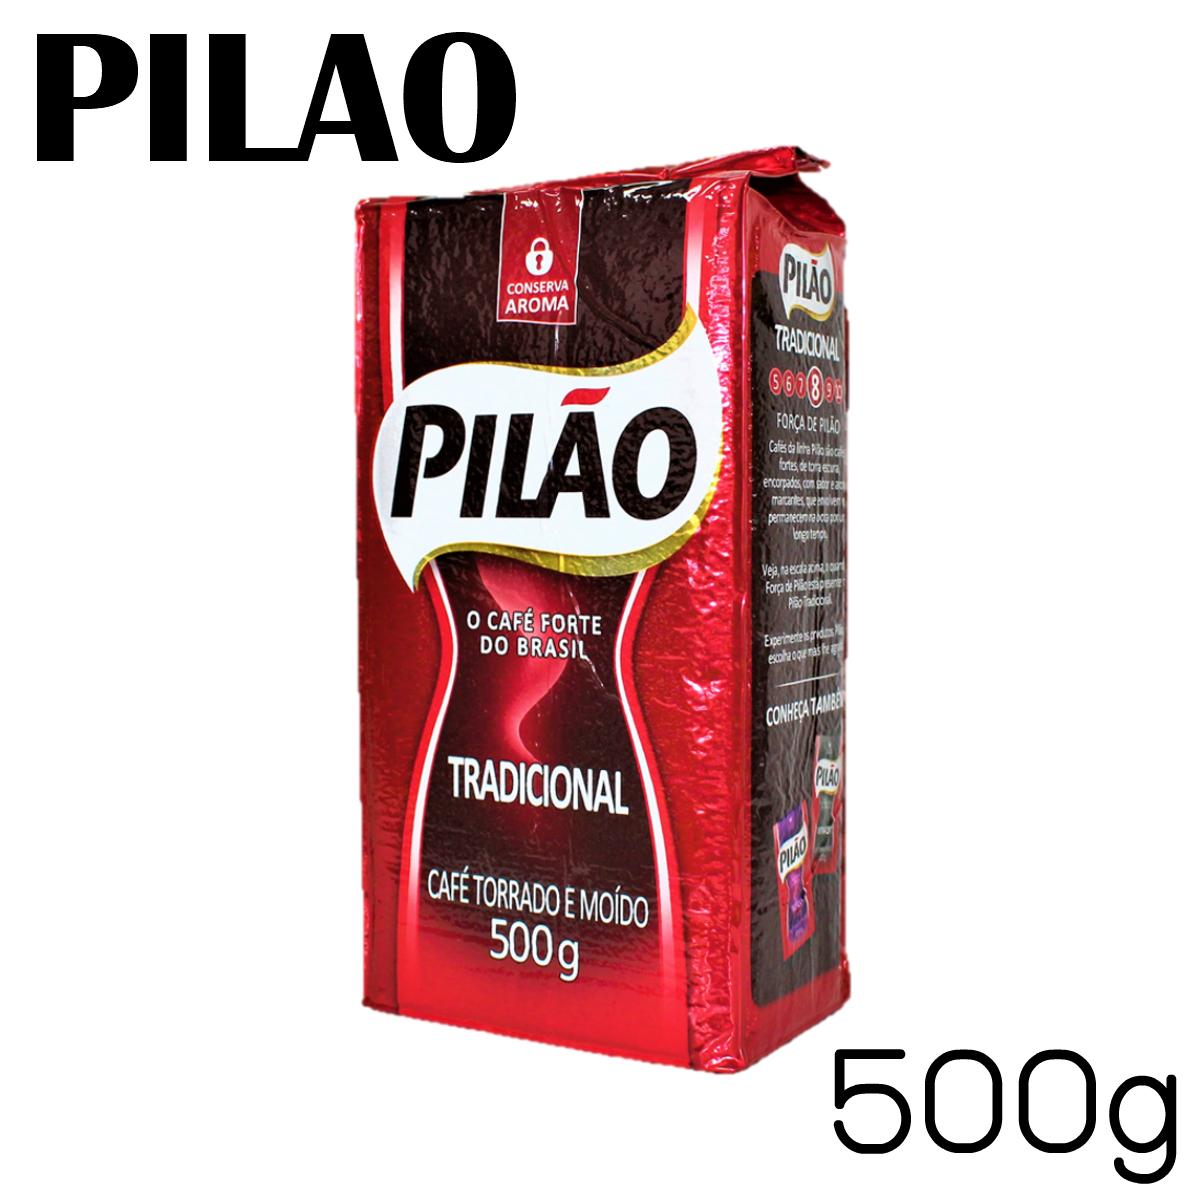 ブラジルで日常的に飲まれてるコーヒー PILAO CAFE TORRADO 細挽き E MOIDO 送料無料 一部地域を除く 超特価 500gレギュラーコーヒー豆